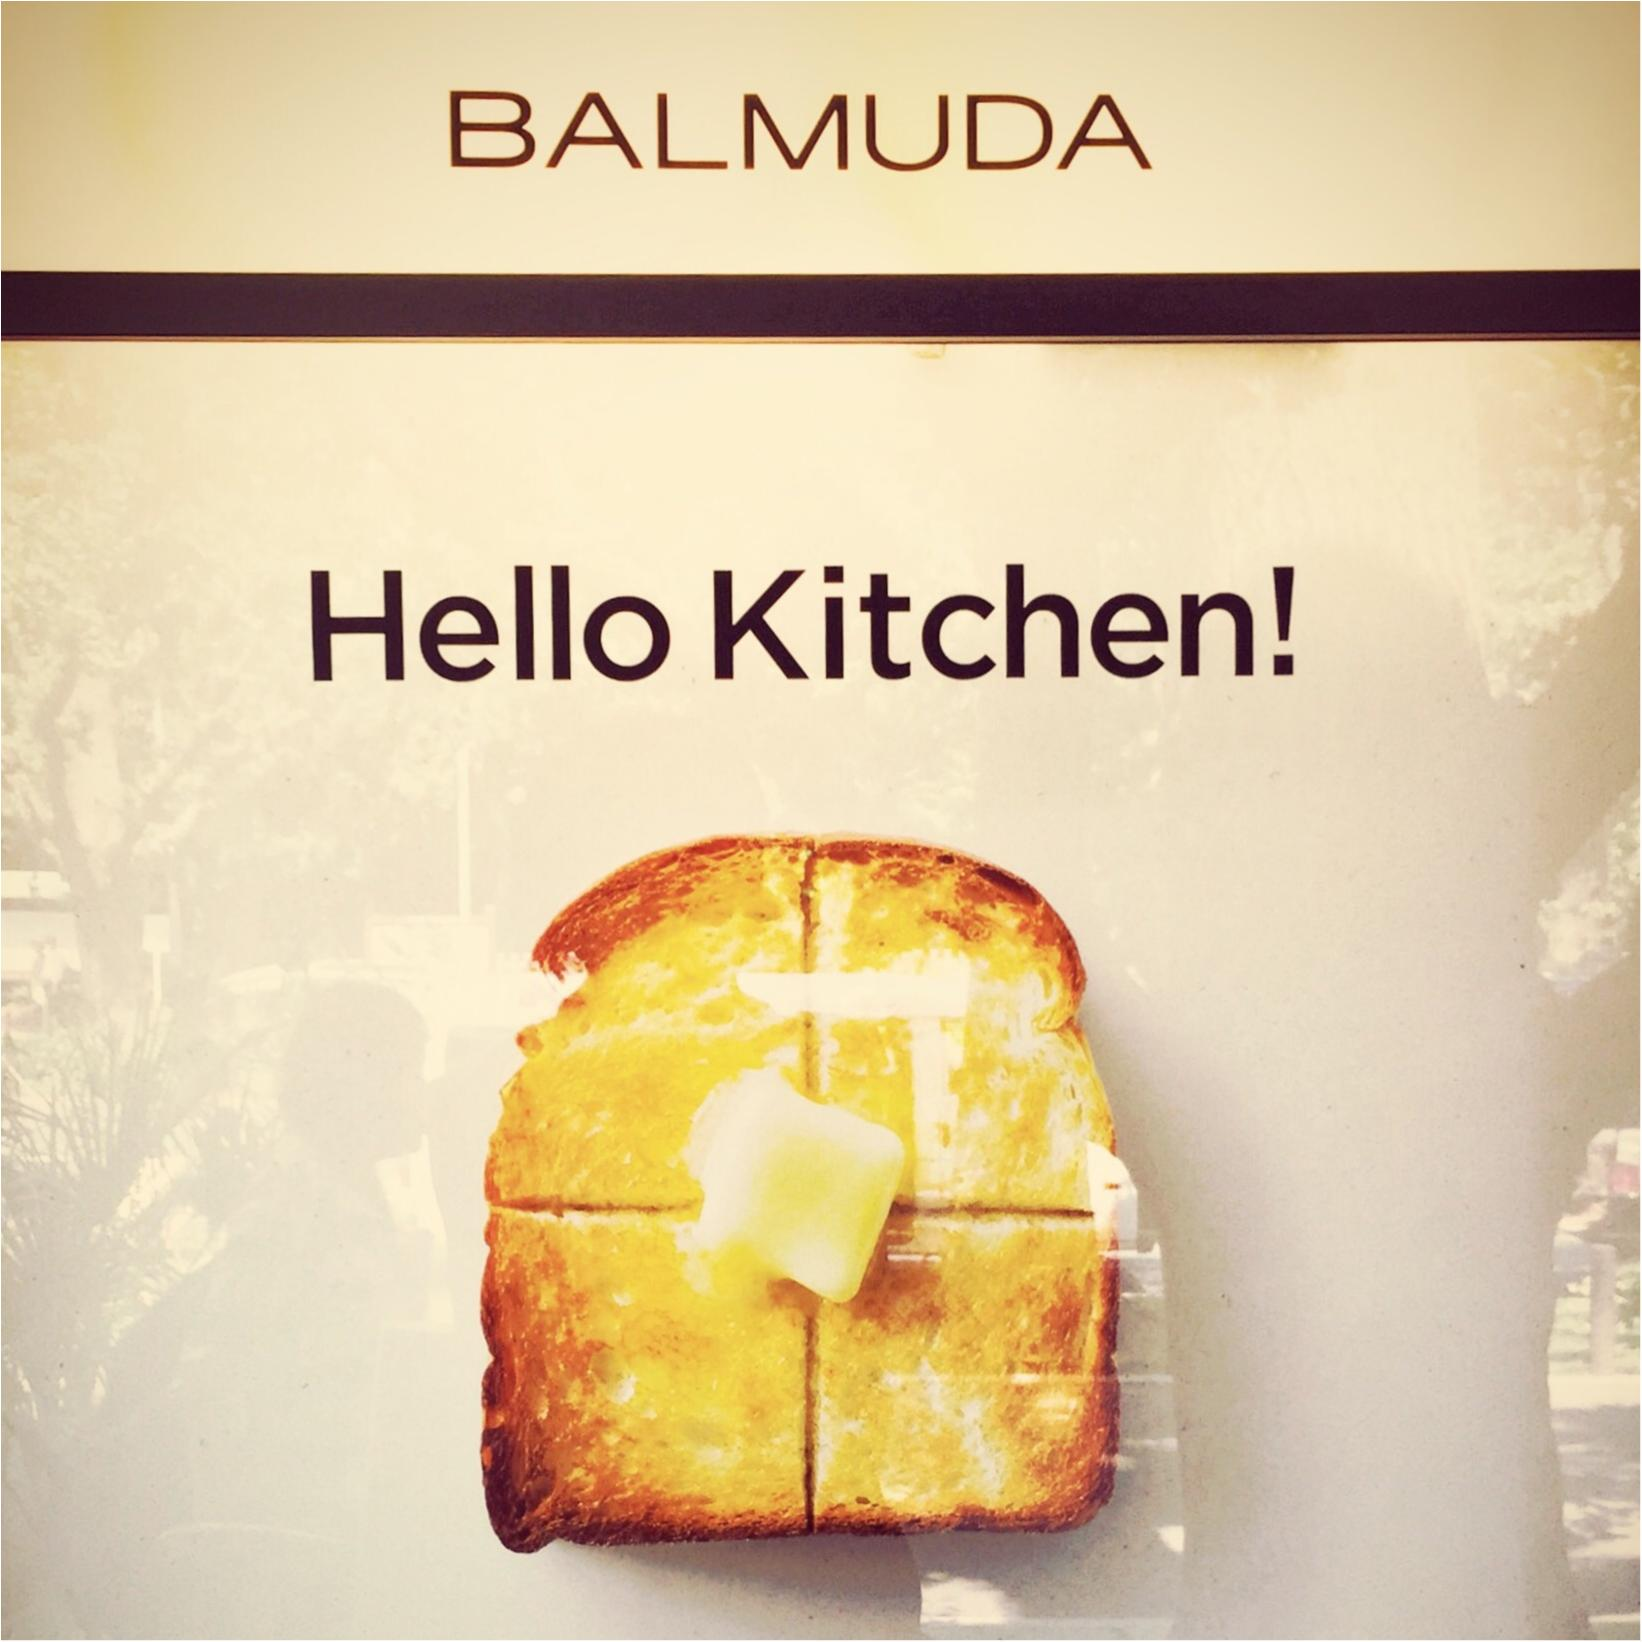 さくっ、ふわっ、もちっ! 最高においしいトーストを食べたいなら❤ 『バルミューダ』をチェック!_1